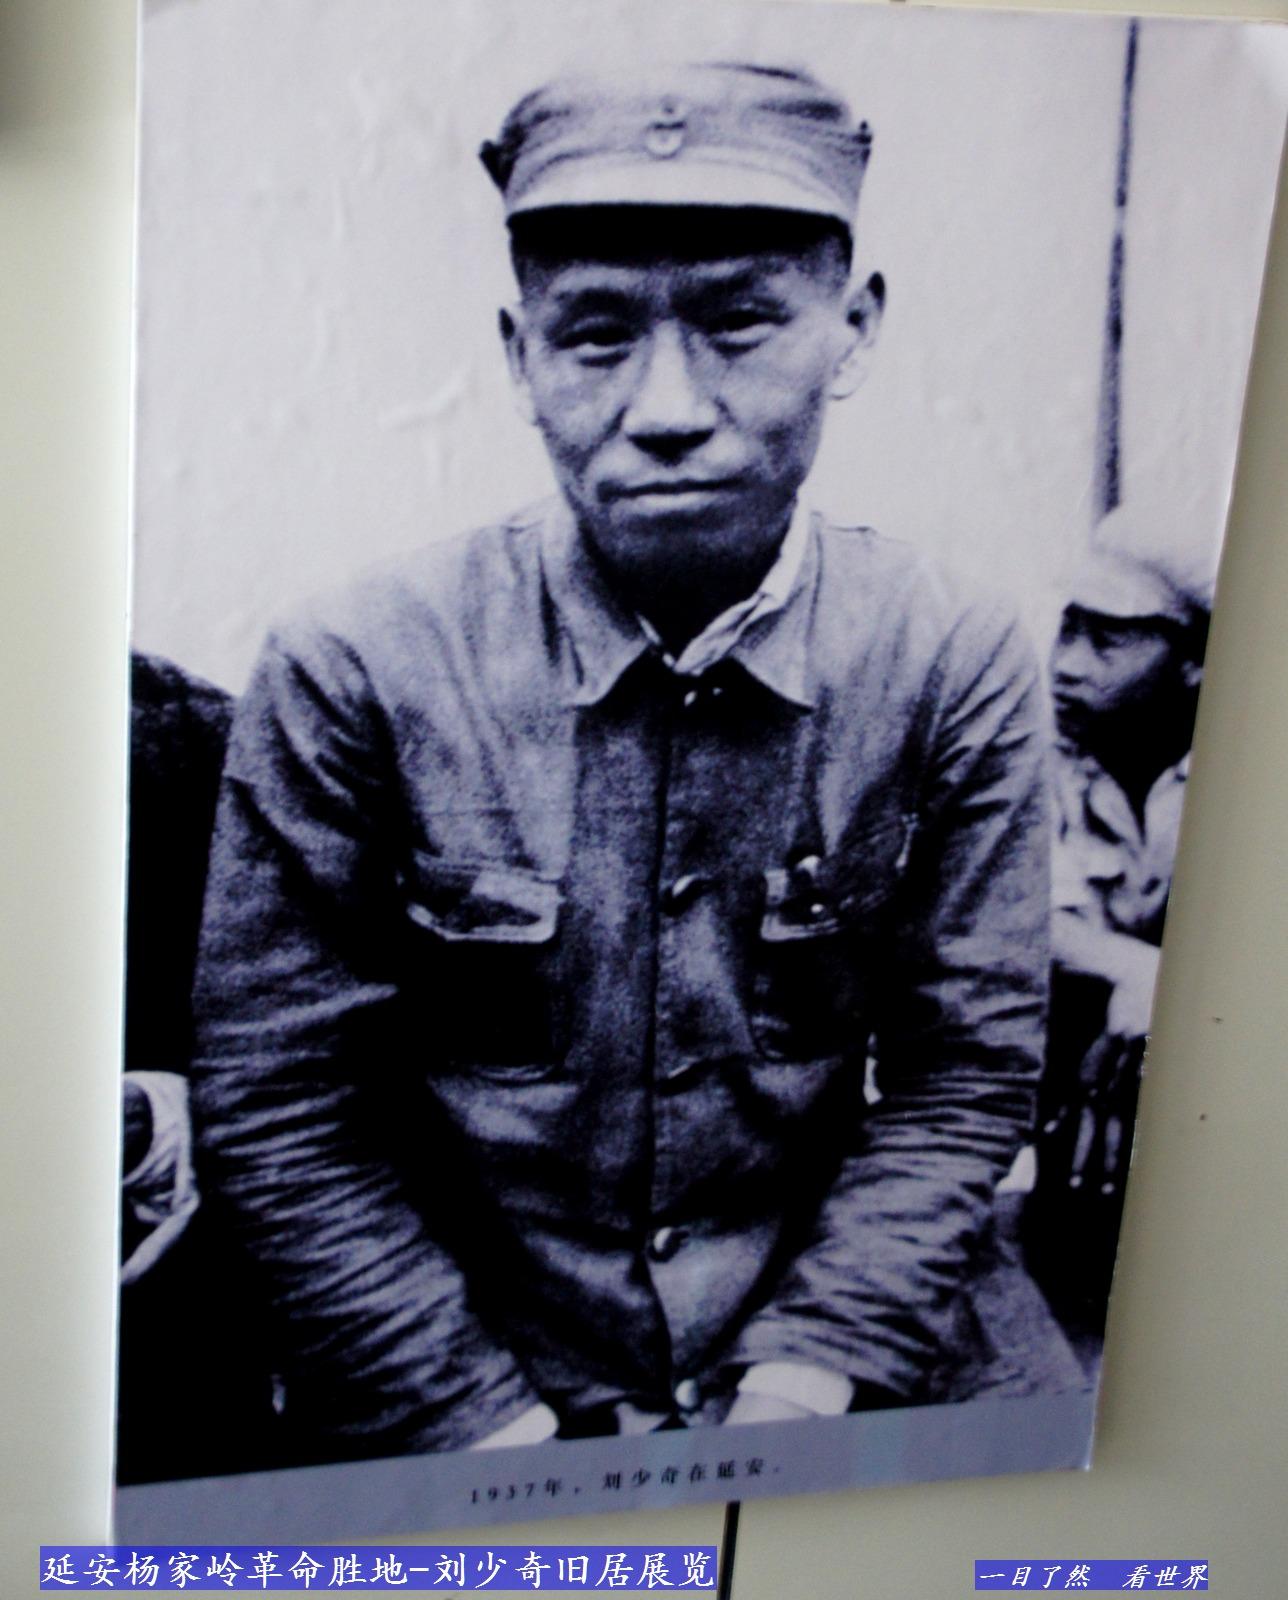 延安杨家岭革命胜地-刘少奇旧居展览--60-1600.jpg